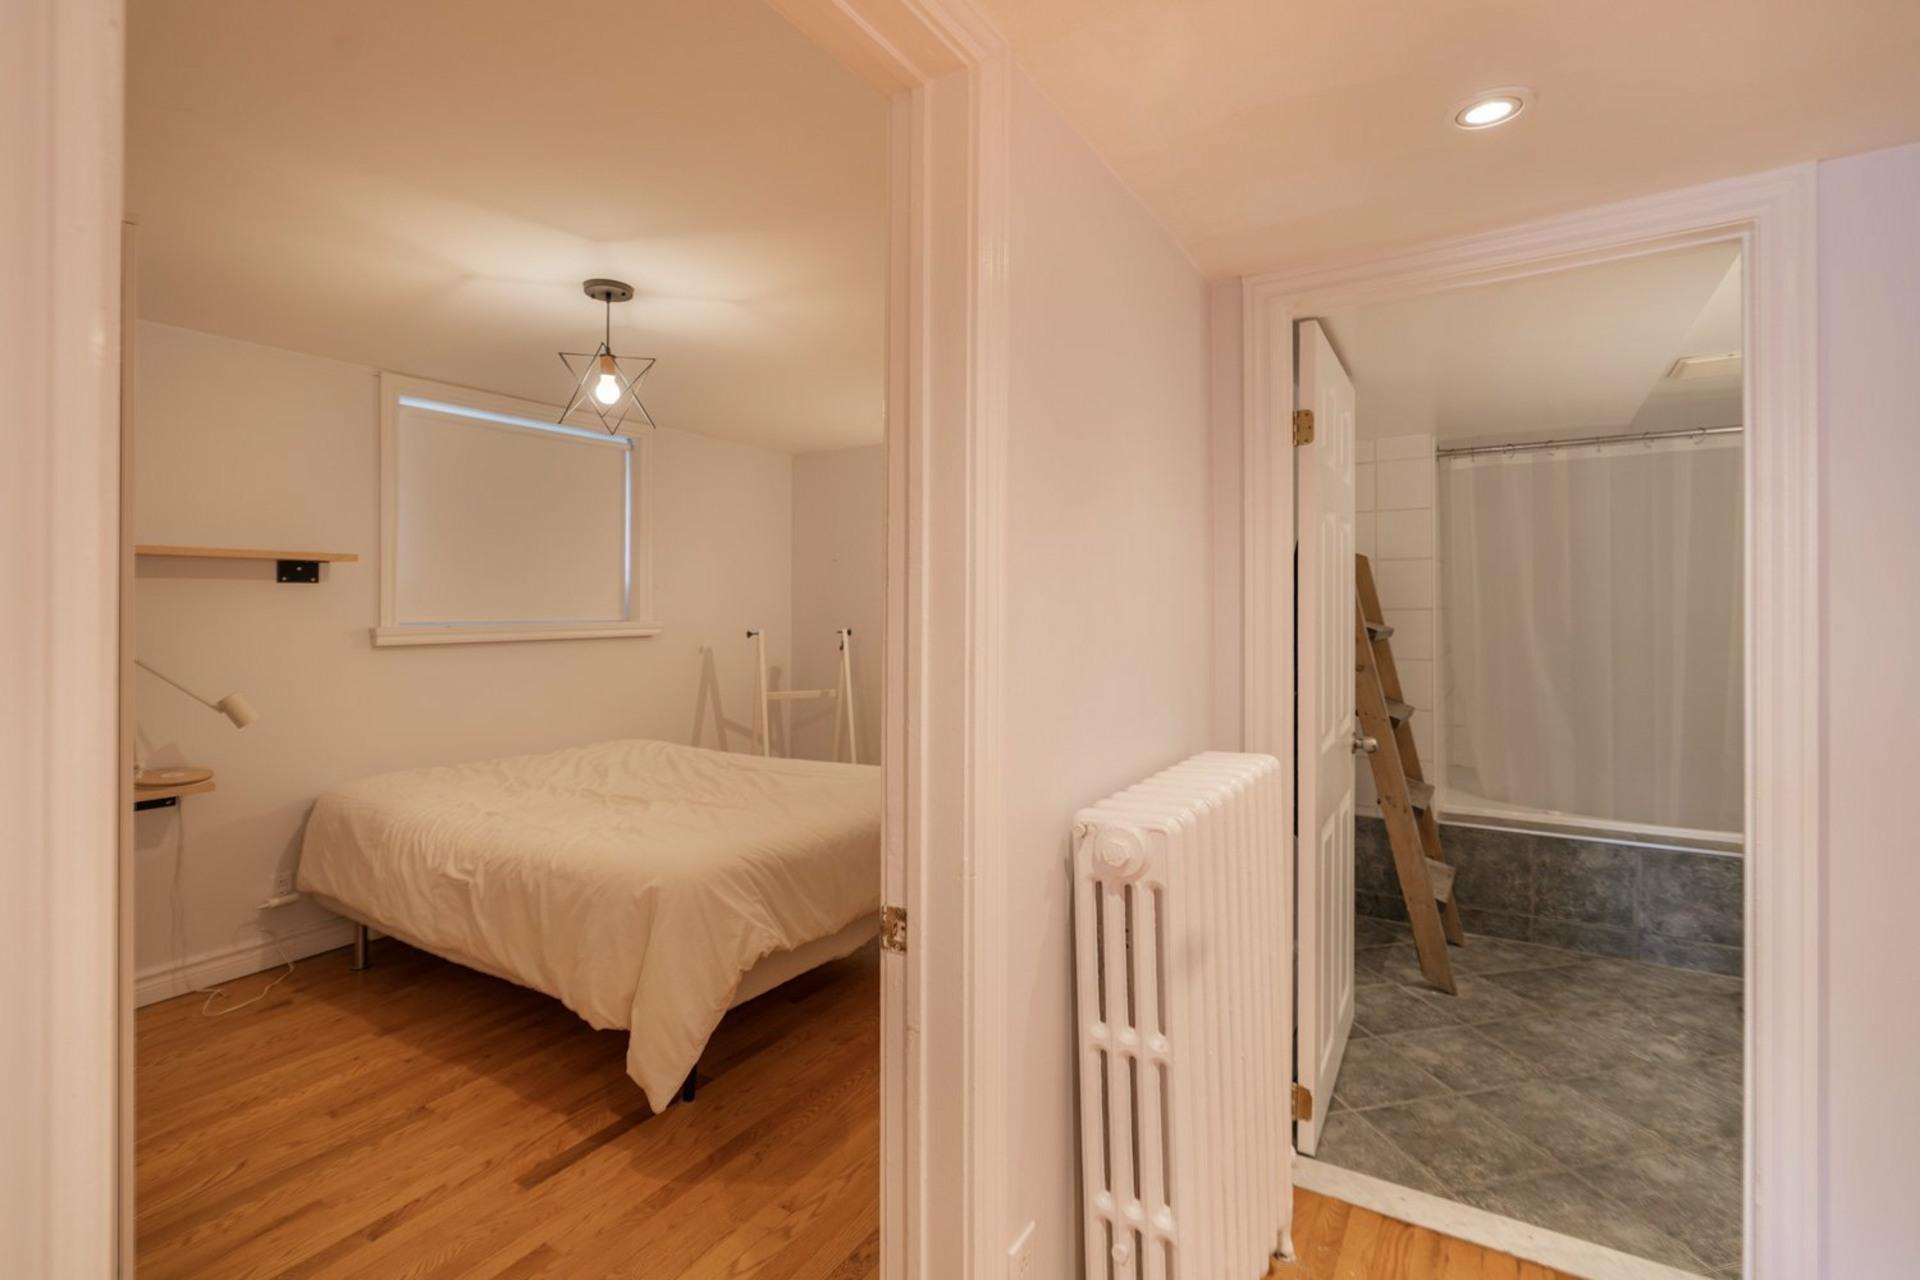 image 8 - Apartment For sale Côte-des-Neiges/Notre-Dame-de-Grâce Montréal  - 4 rooms